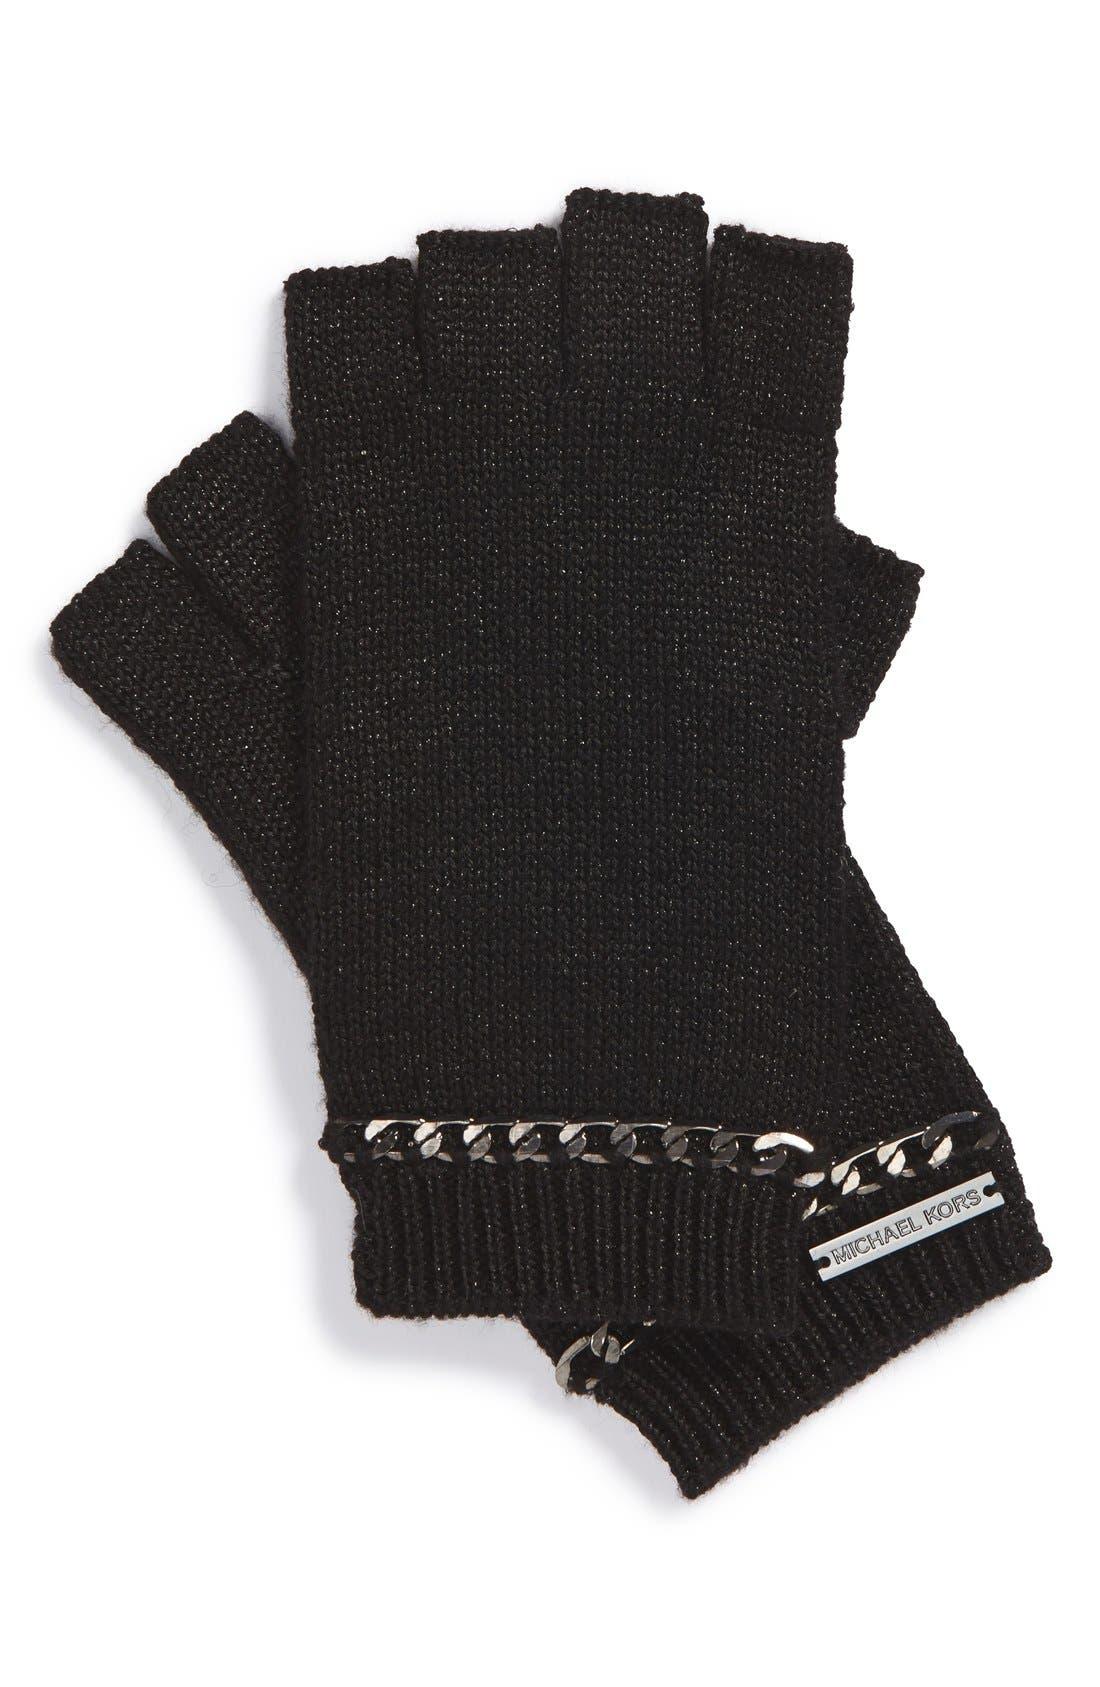 Alternate Image 1 Selected - MICHAEL Michael Kors Chain Accent Fingerless Gloves